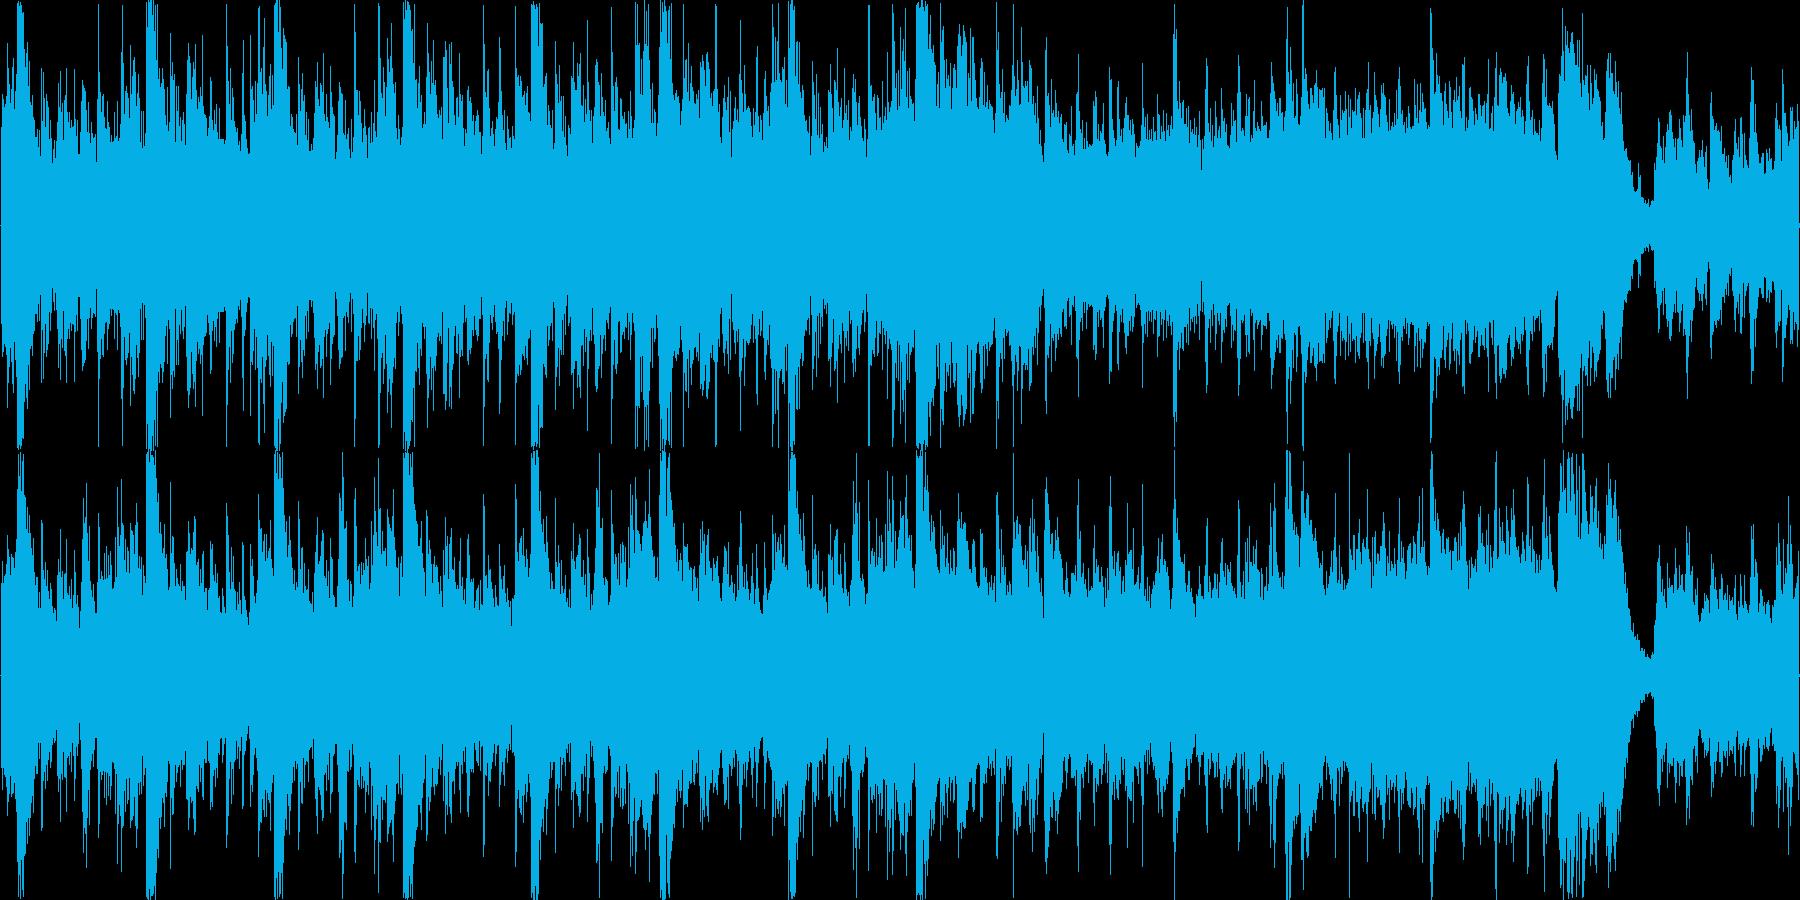 ボスバトル緊迫感のあるオーケストラループの再生済みの波形